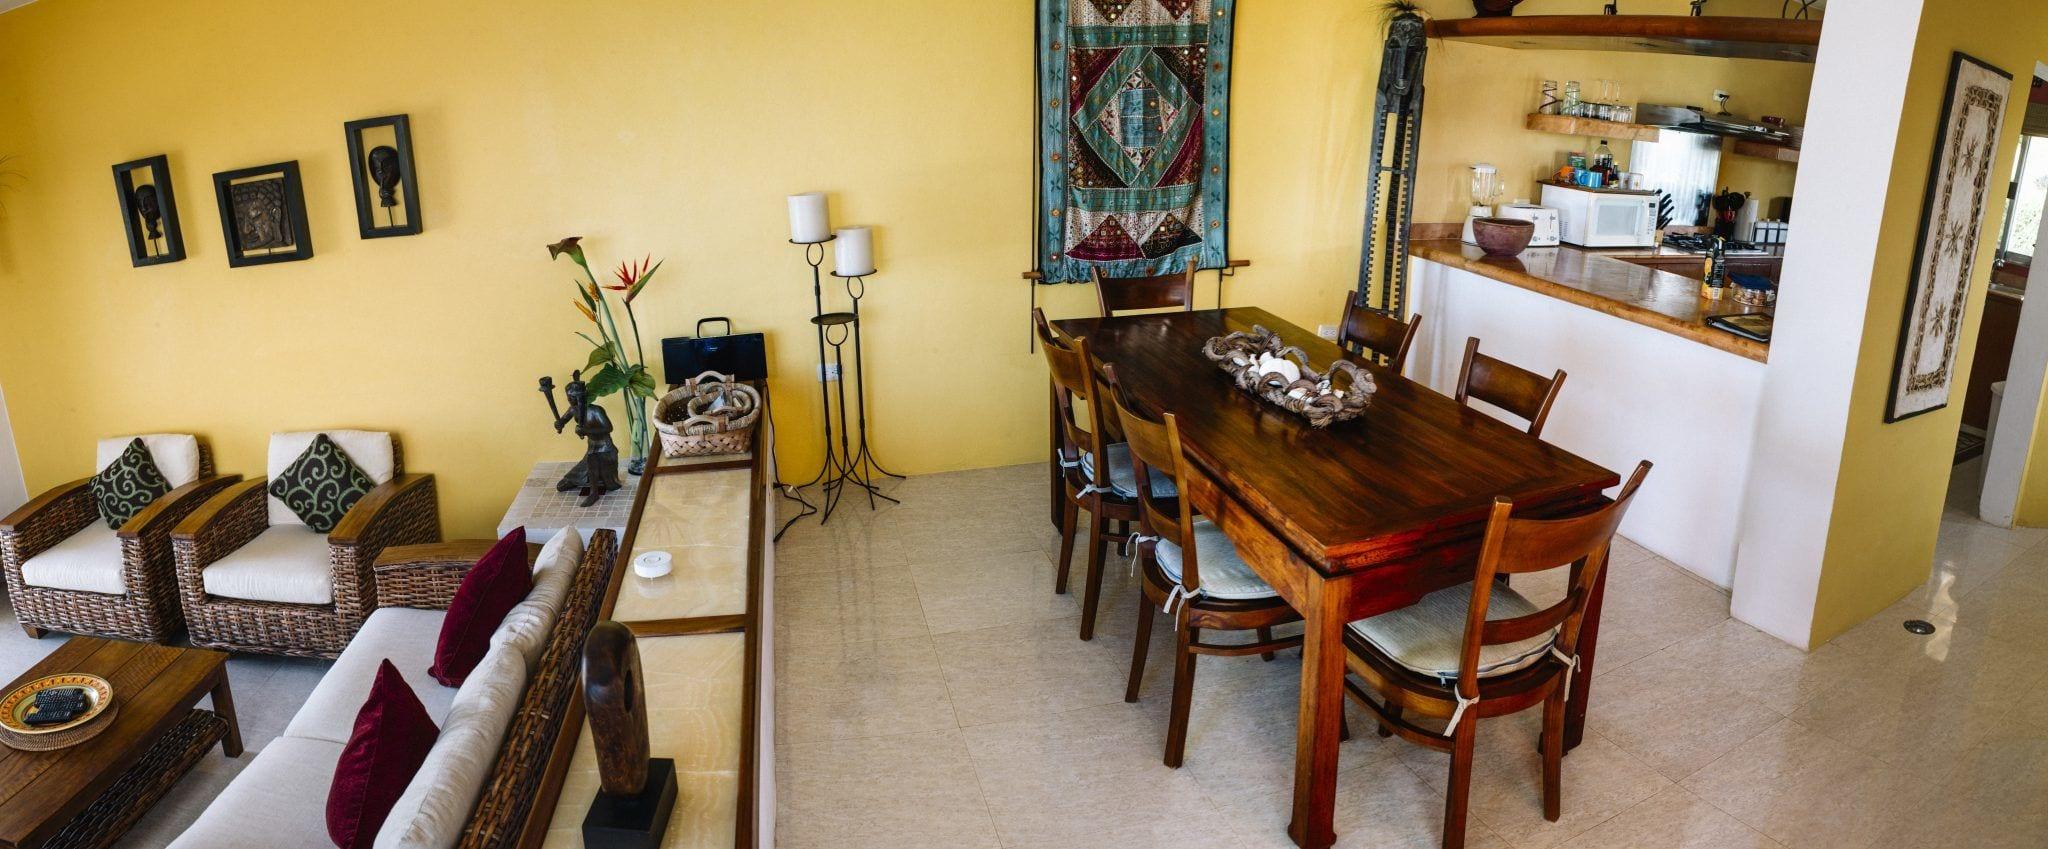 Casa A Dining Room